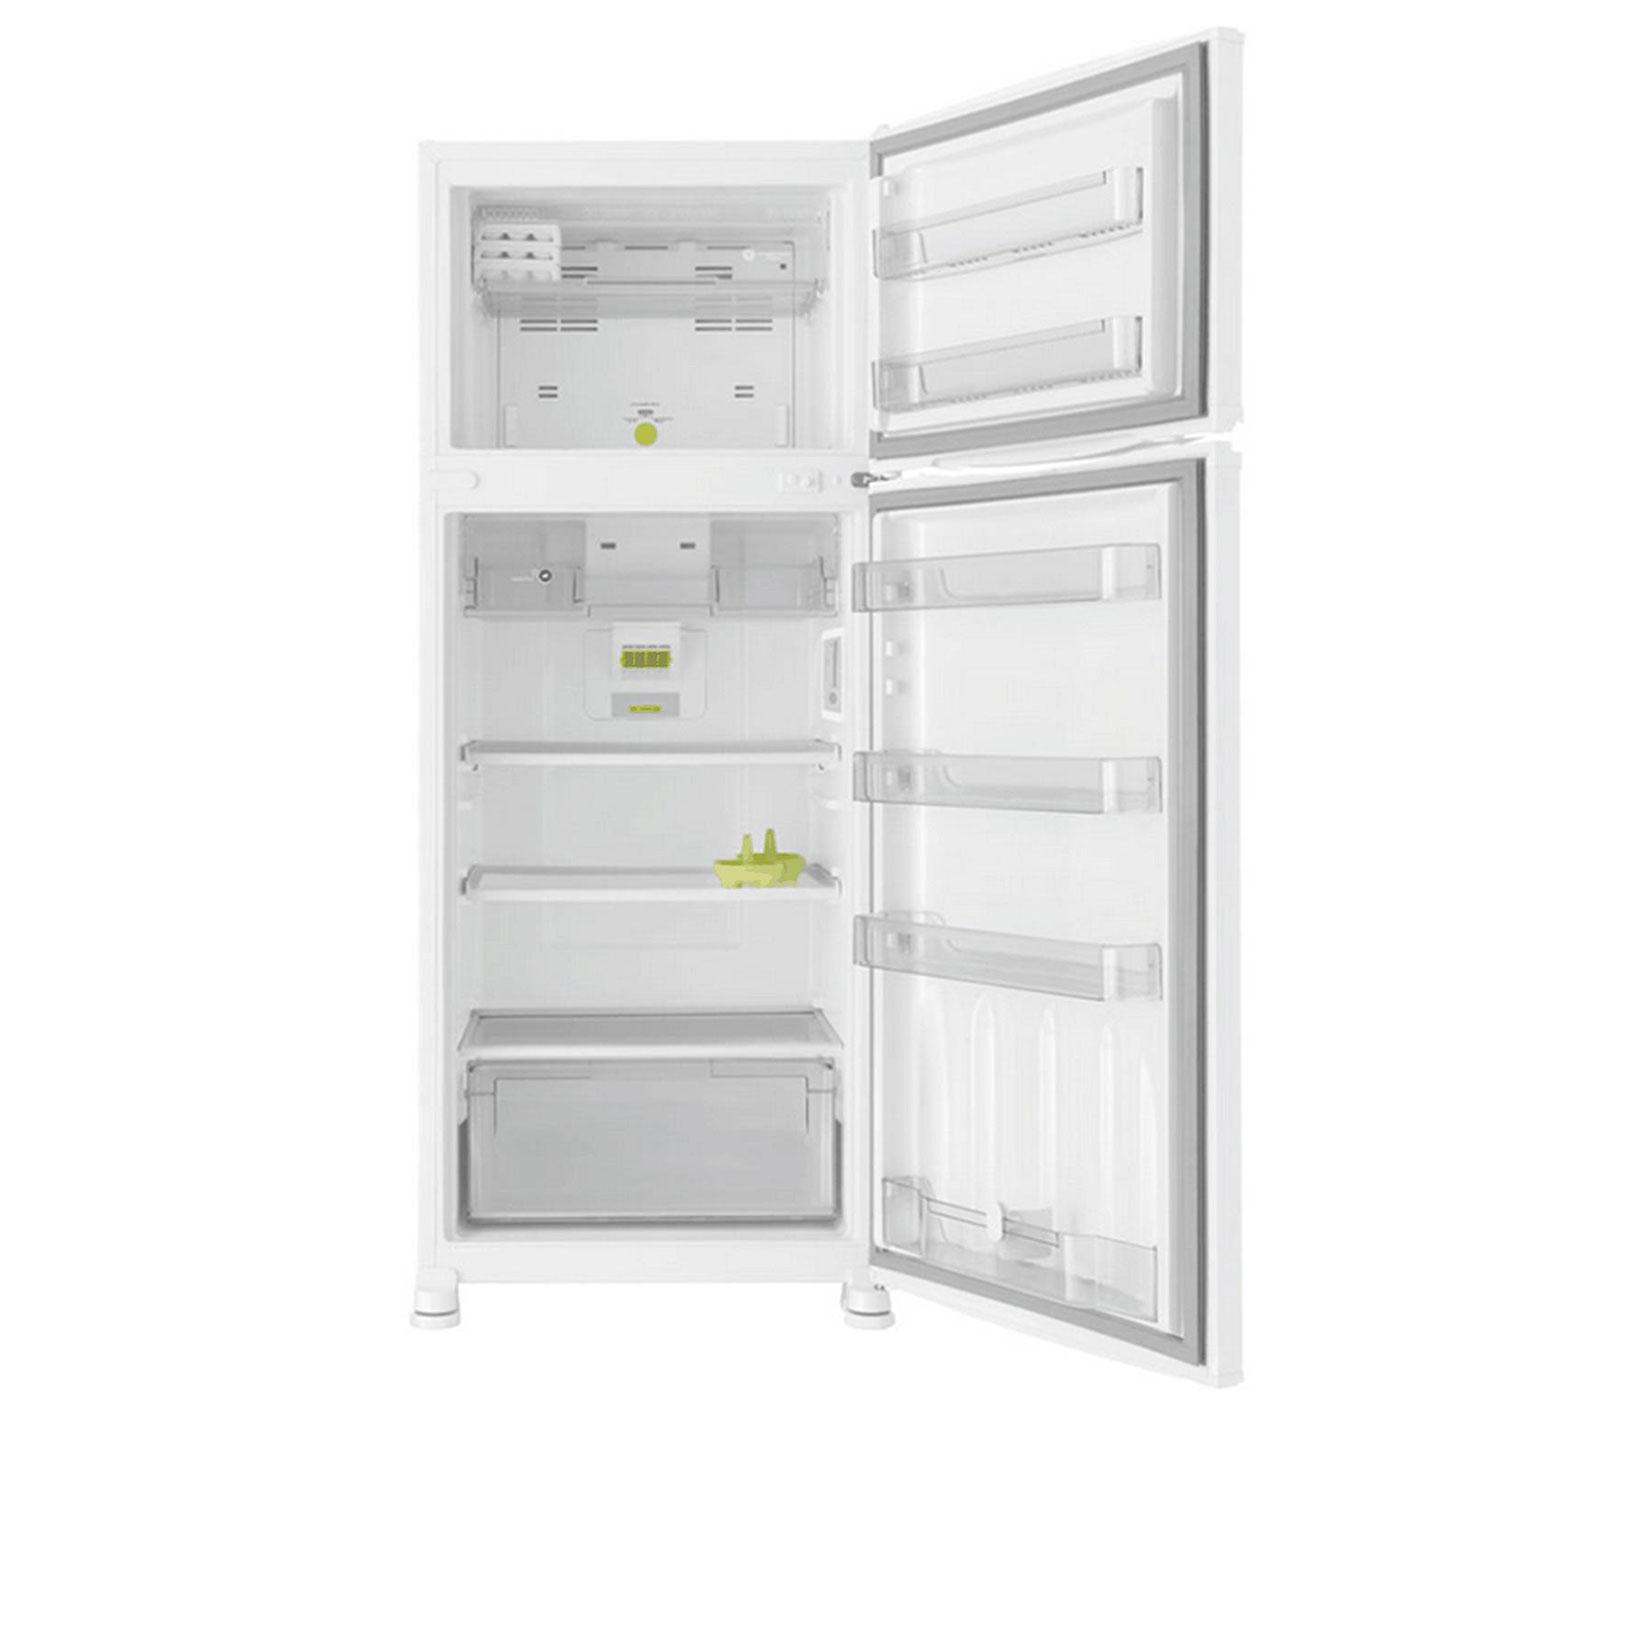 4ebc8499a ... Geladeira Consul Frost Free Duplex 407 litros Branca com Filtro Bem  Estar. Branco geladeira CRM45 · Branco geladeira CRM45. prev next